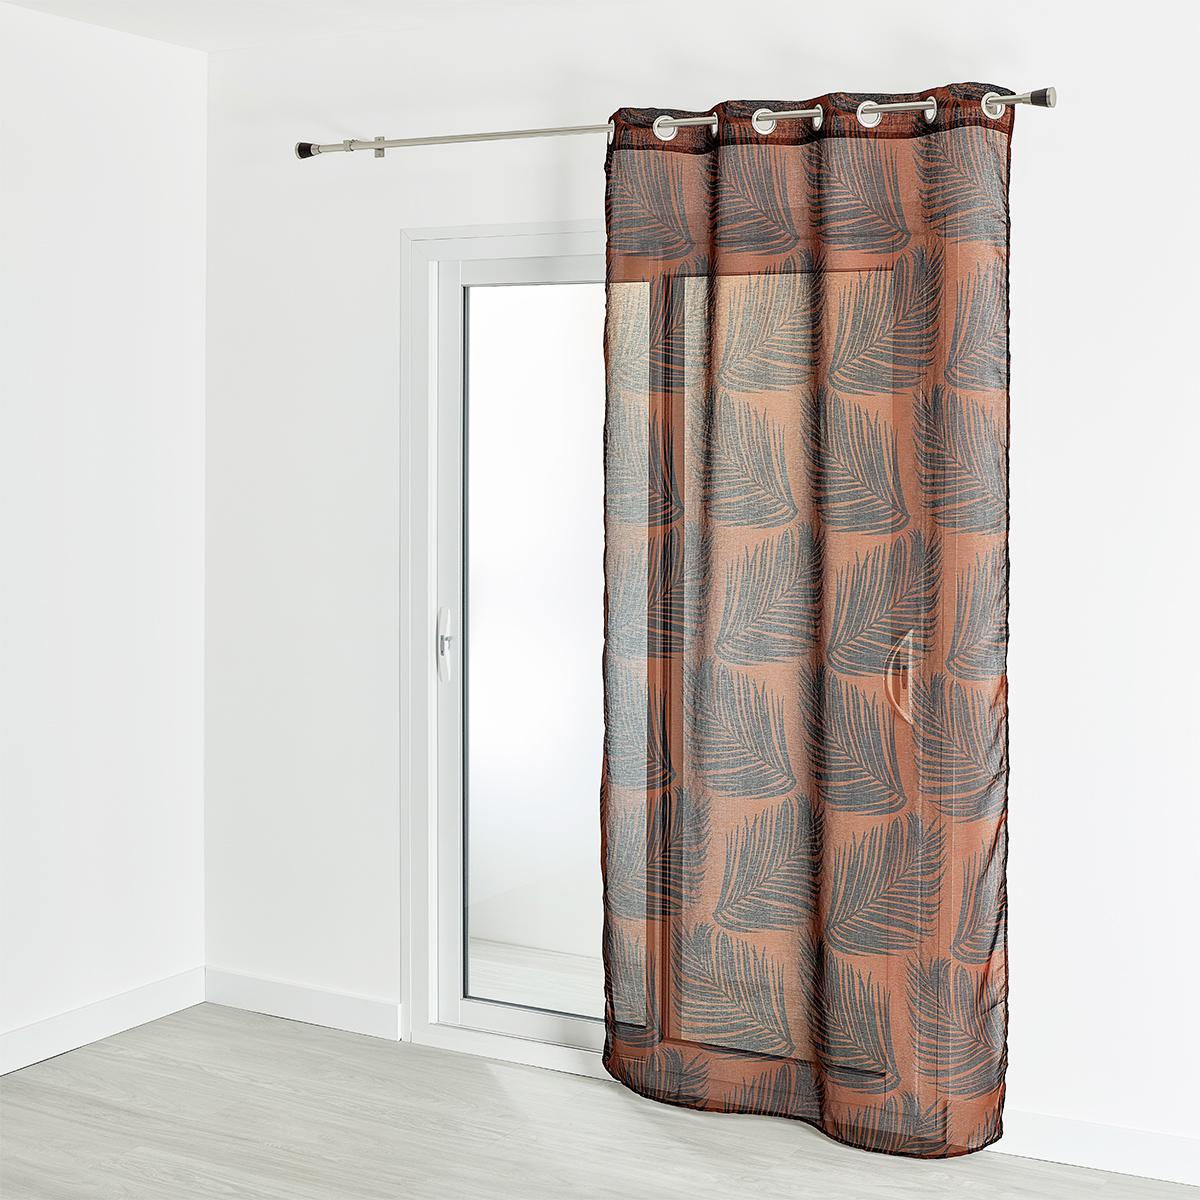 Voilage étamine imprimé motif végétal 130x240 cm (Terracotta)